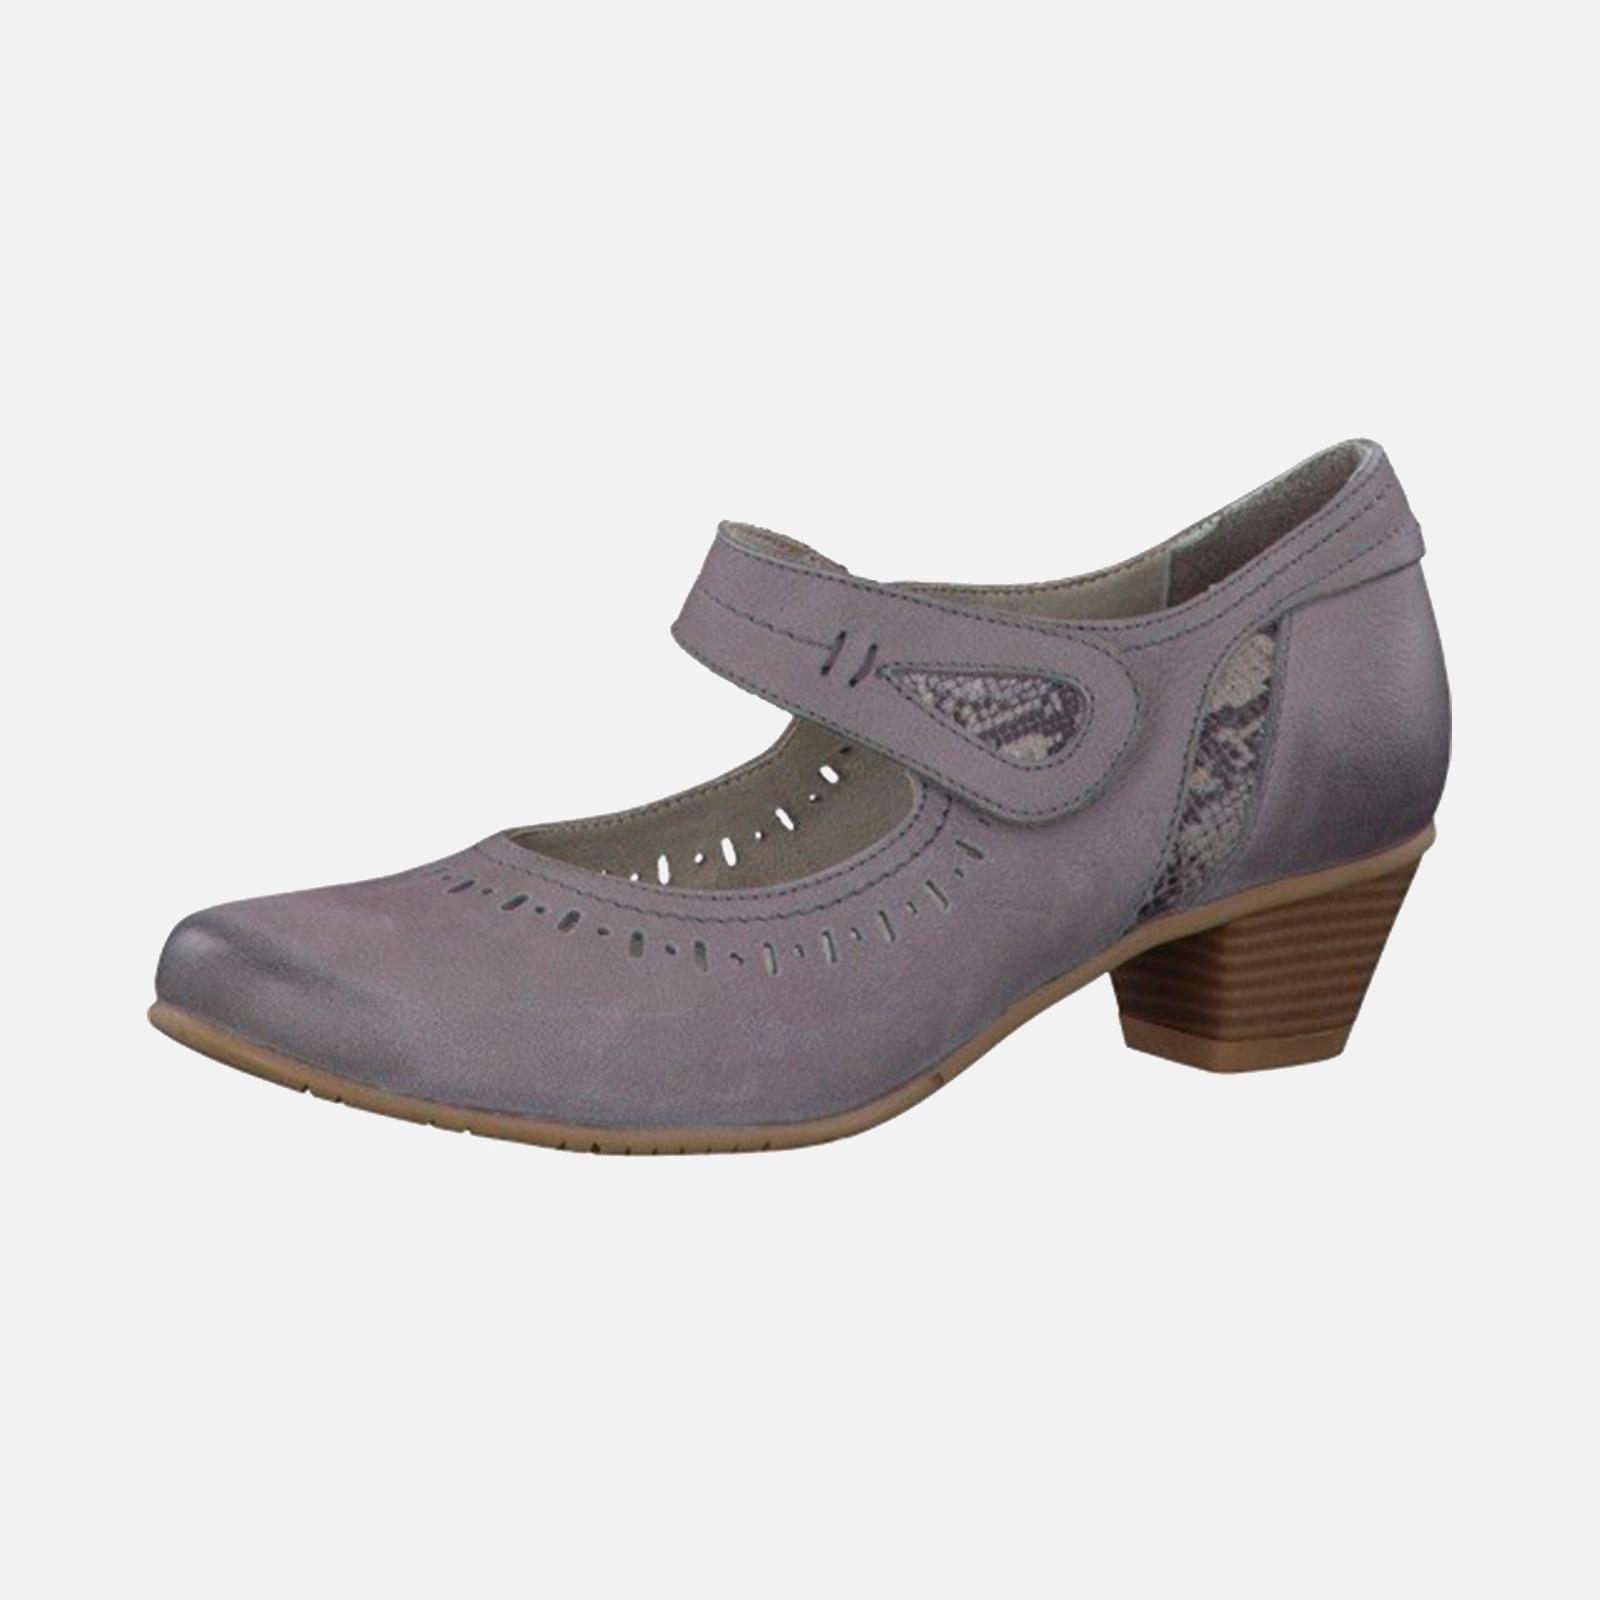 Туфли женские из натуральной кожи украшенные перфорированными вставками